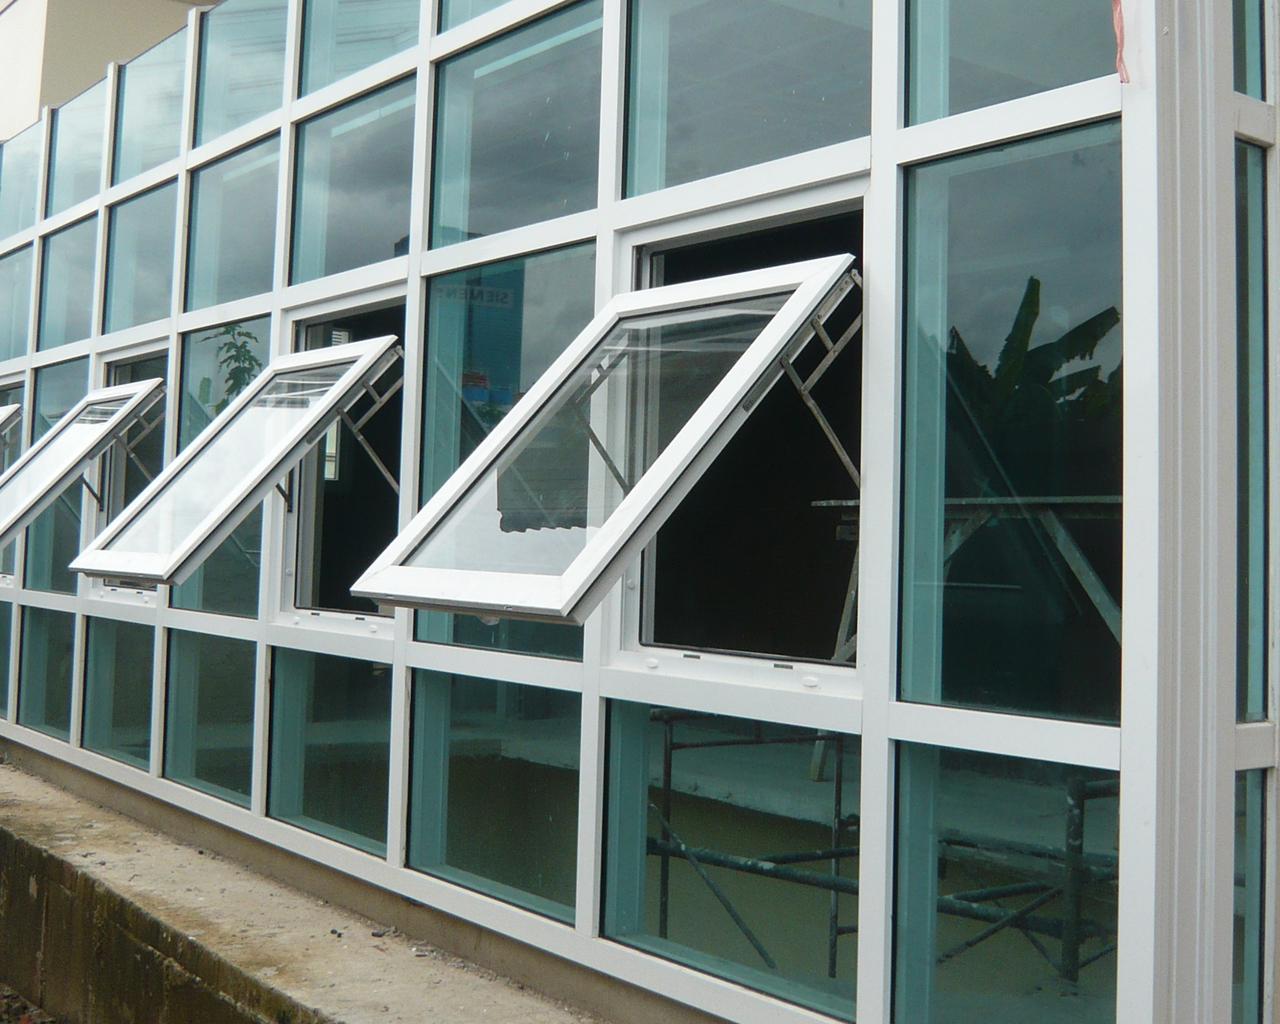 Качественная фурнитура для алюминиевых окон изготавливается из износостойких материалов, устойчивых к коррозии